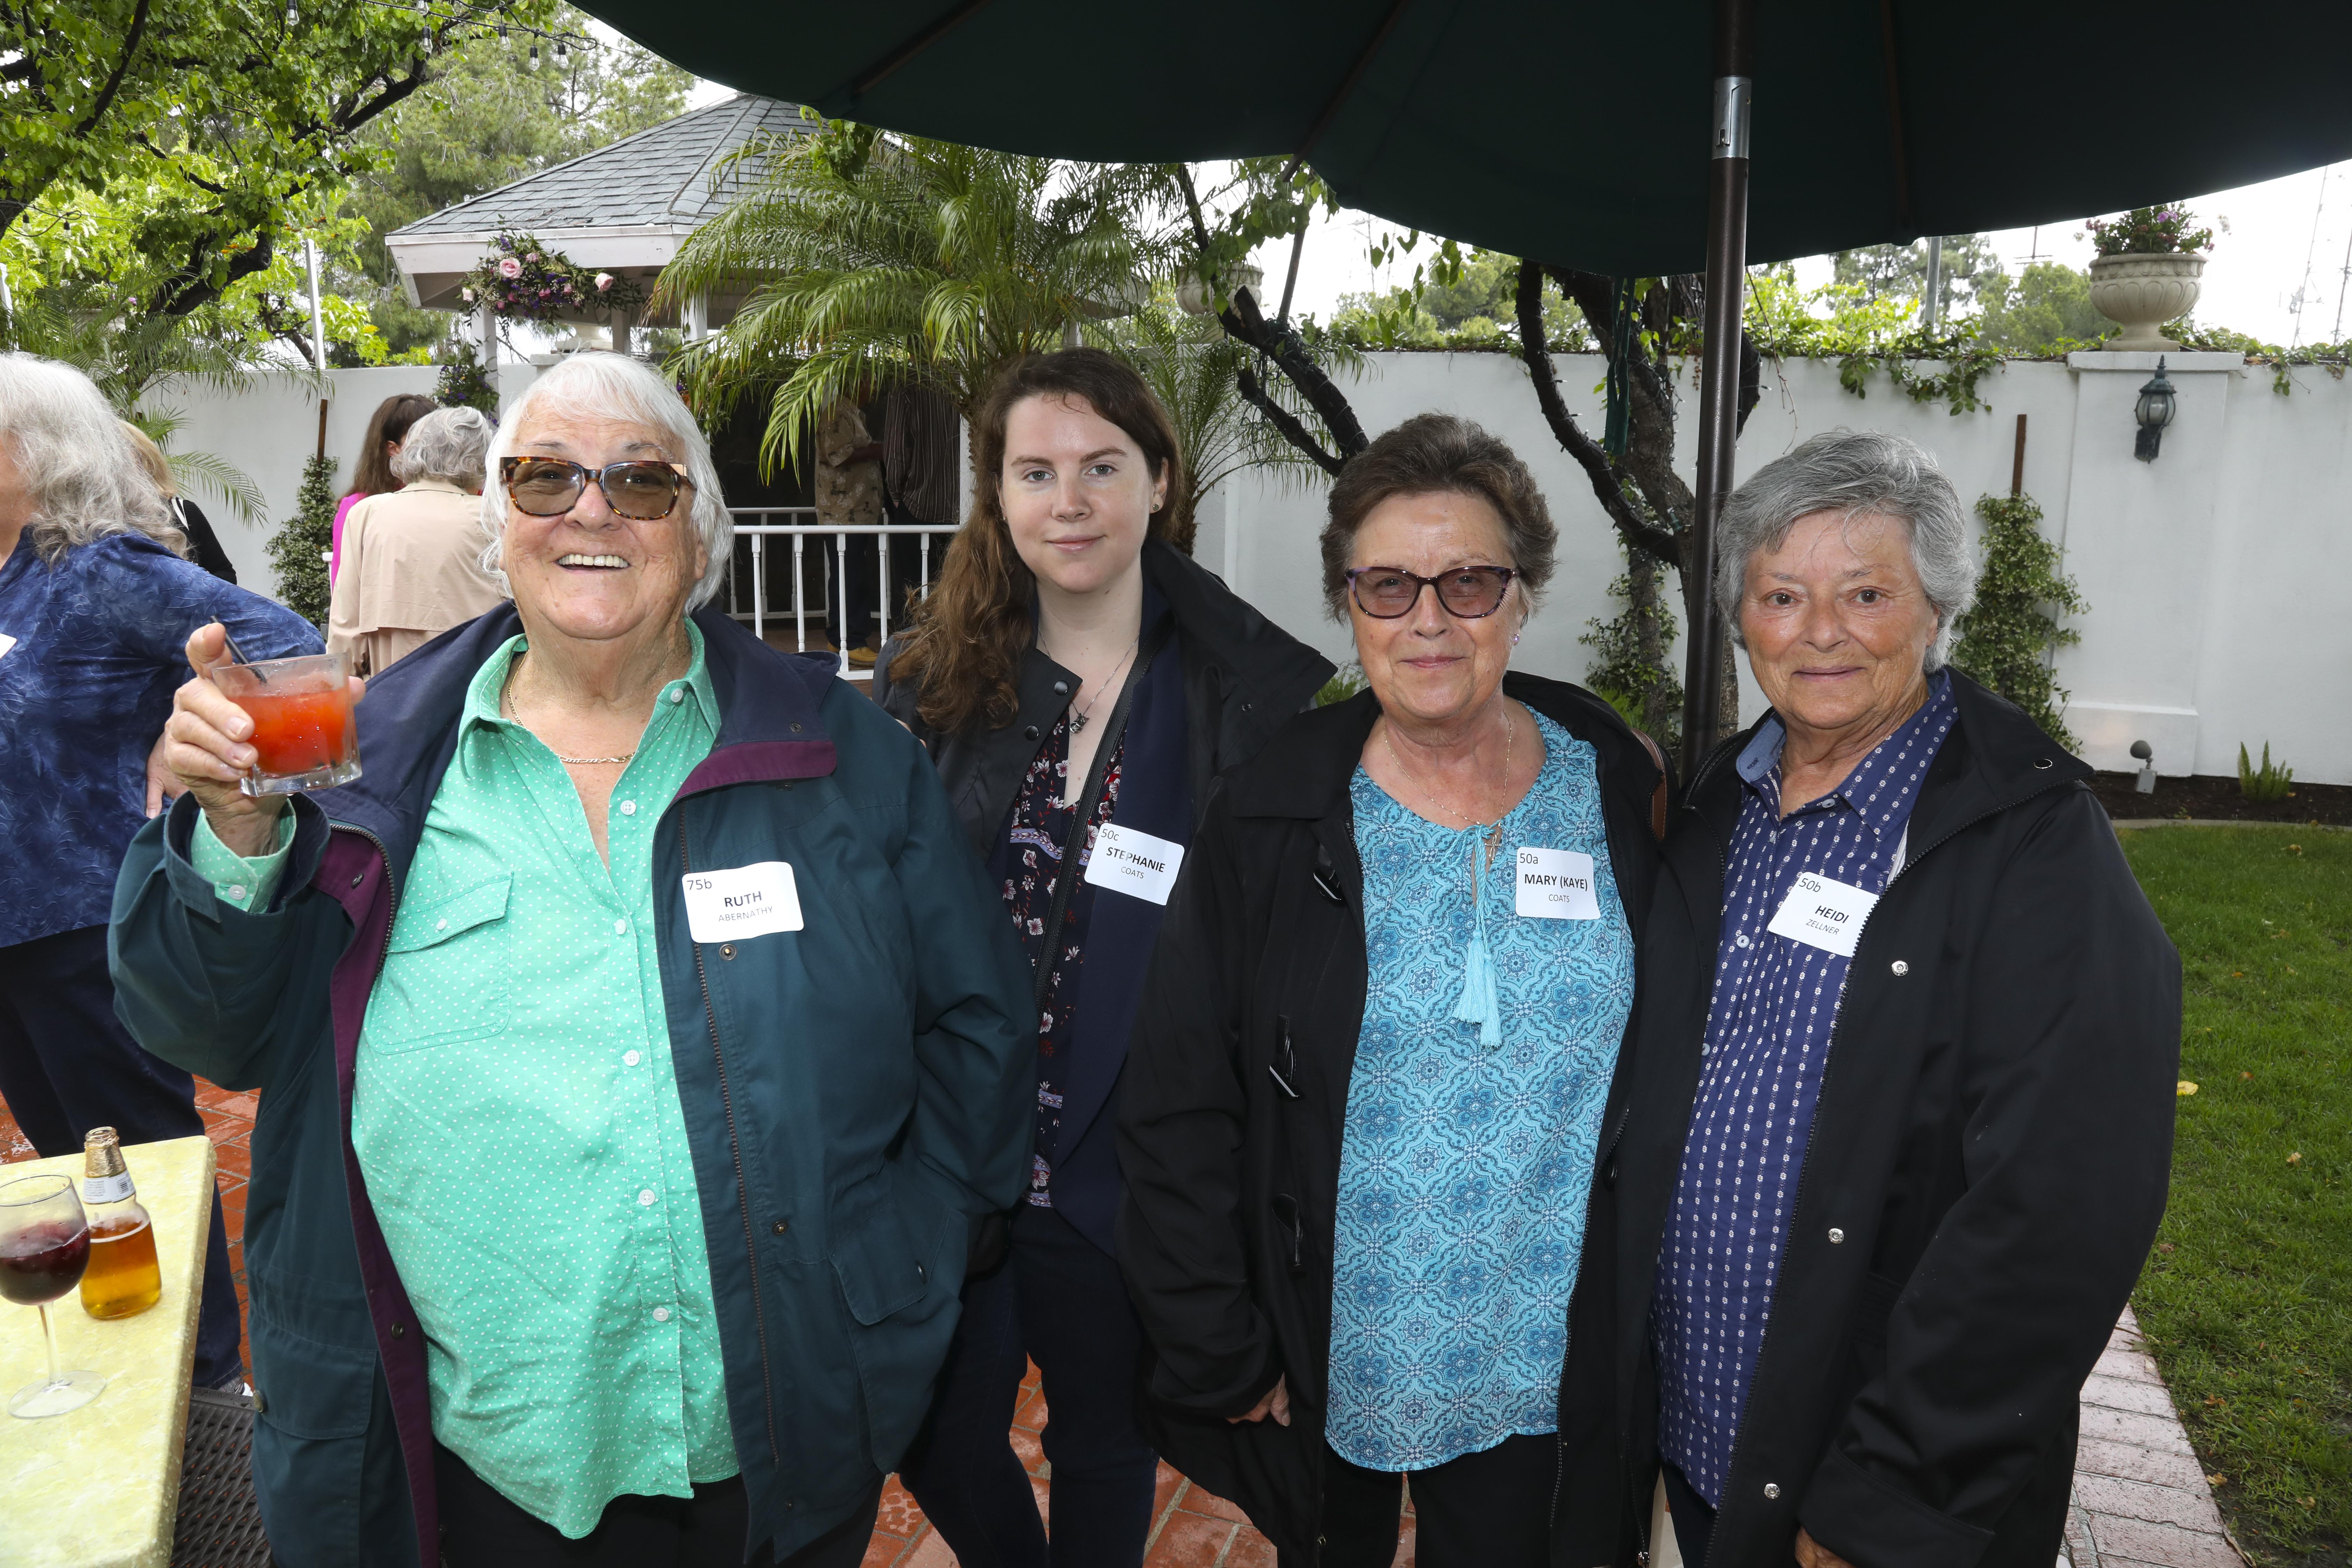 Ruth Abernathy, Stephanie Coats, Mary(Kaye) Coats, Heidi Zellner